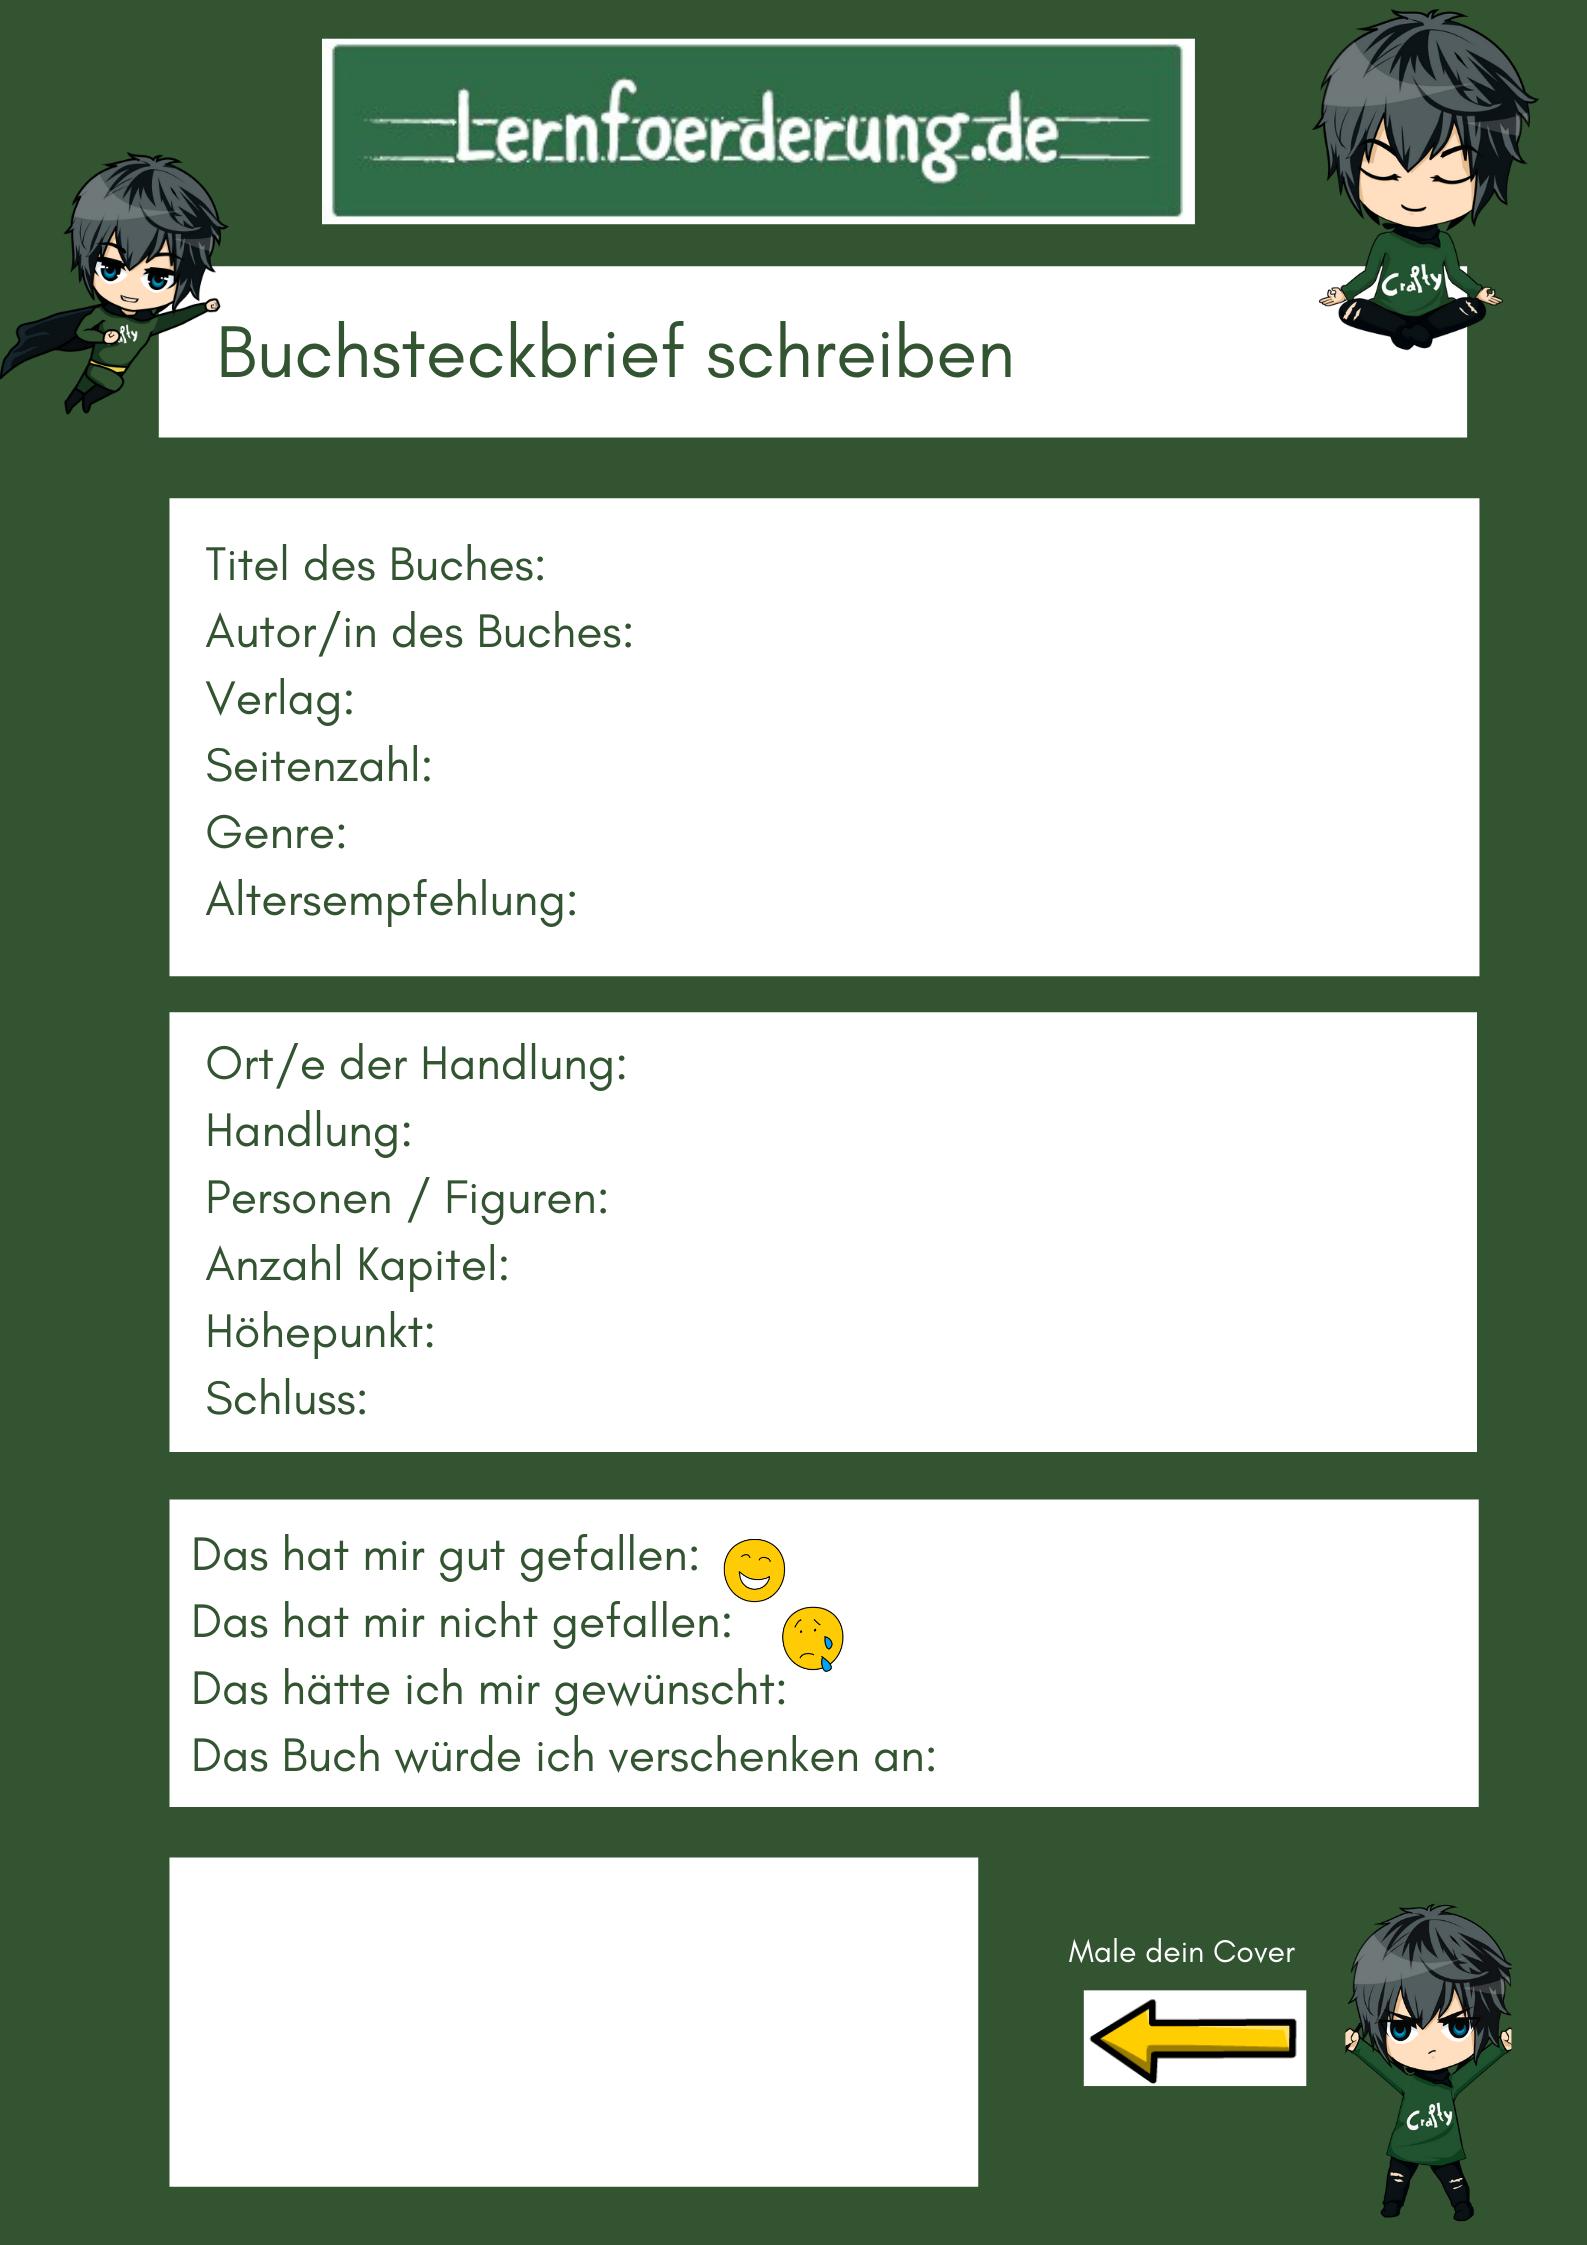 Buchsteckbrief Schreiben Vorlage Uta Reimann Hohn